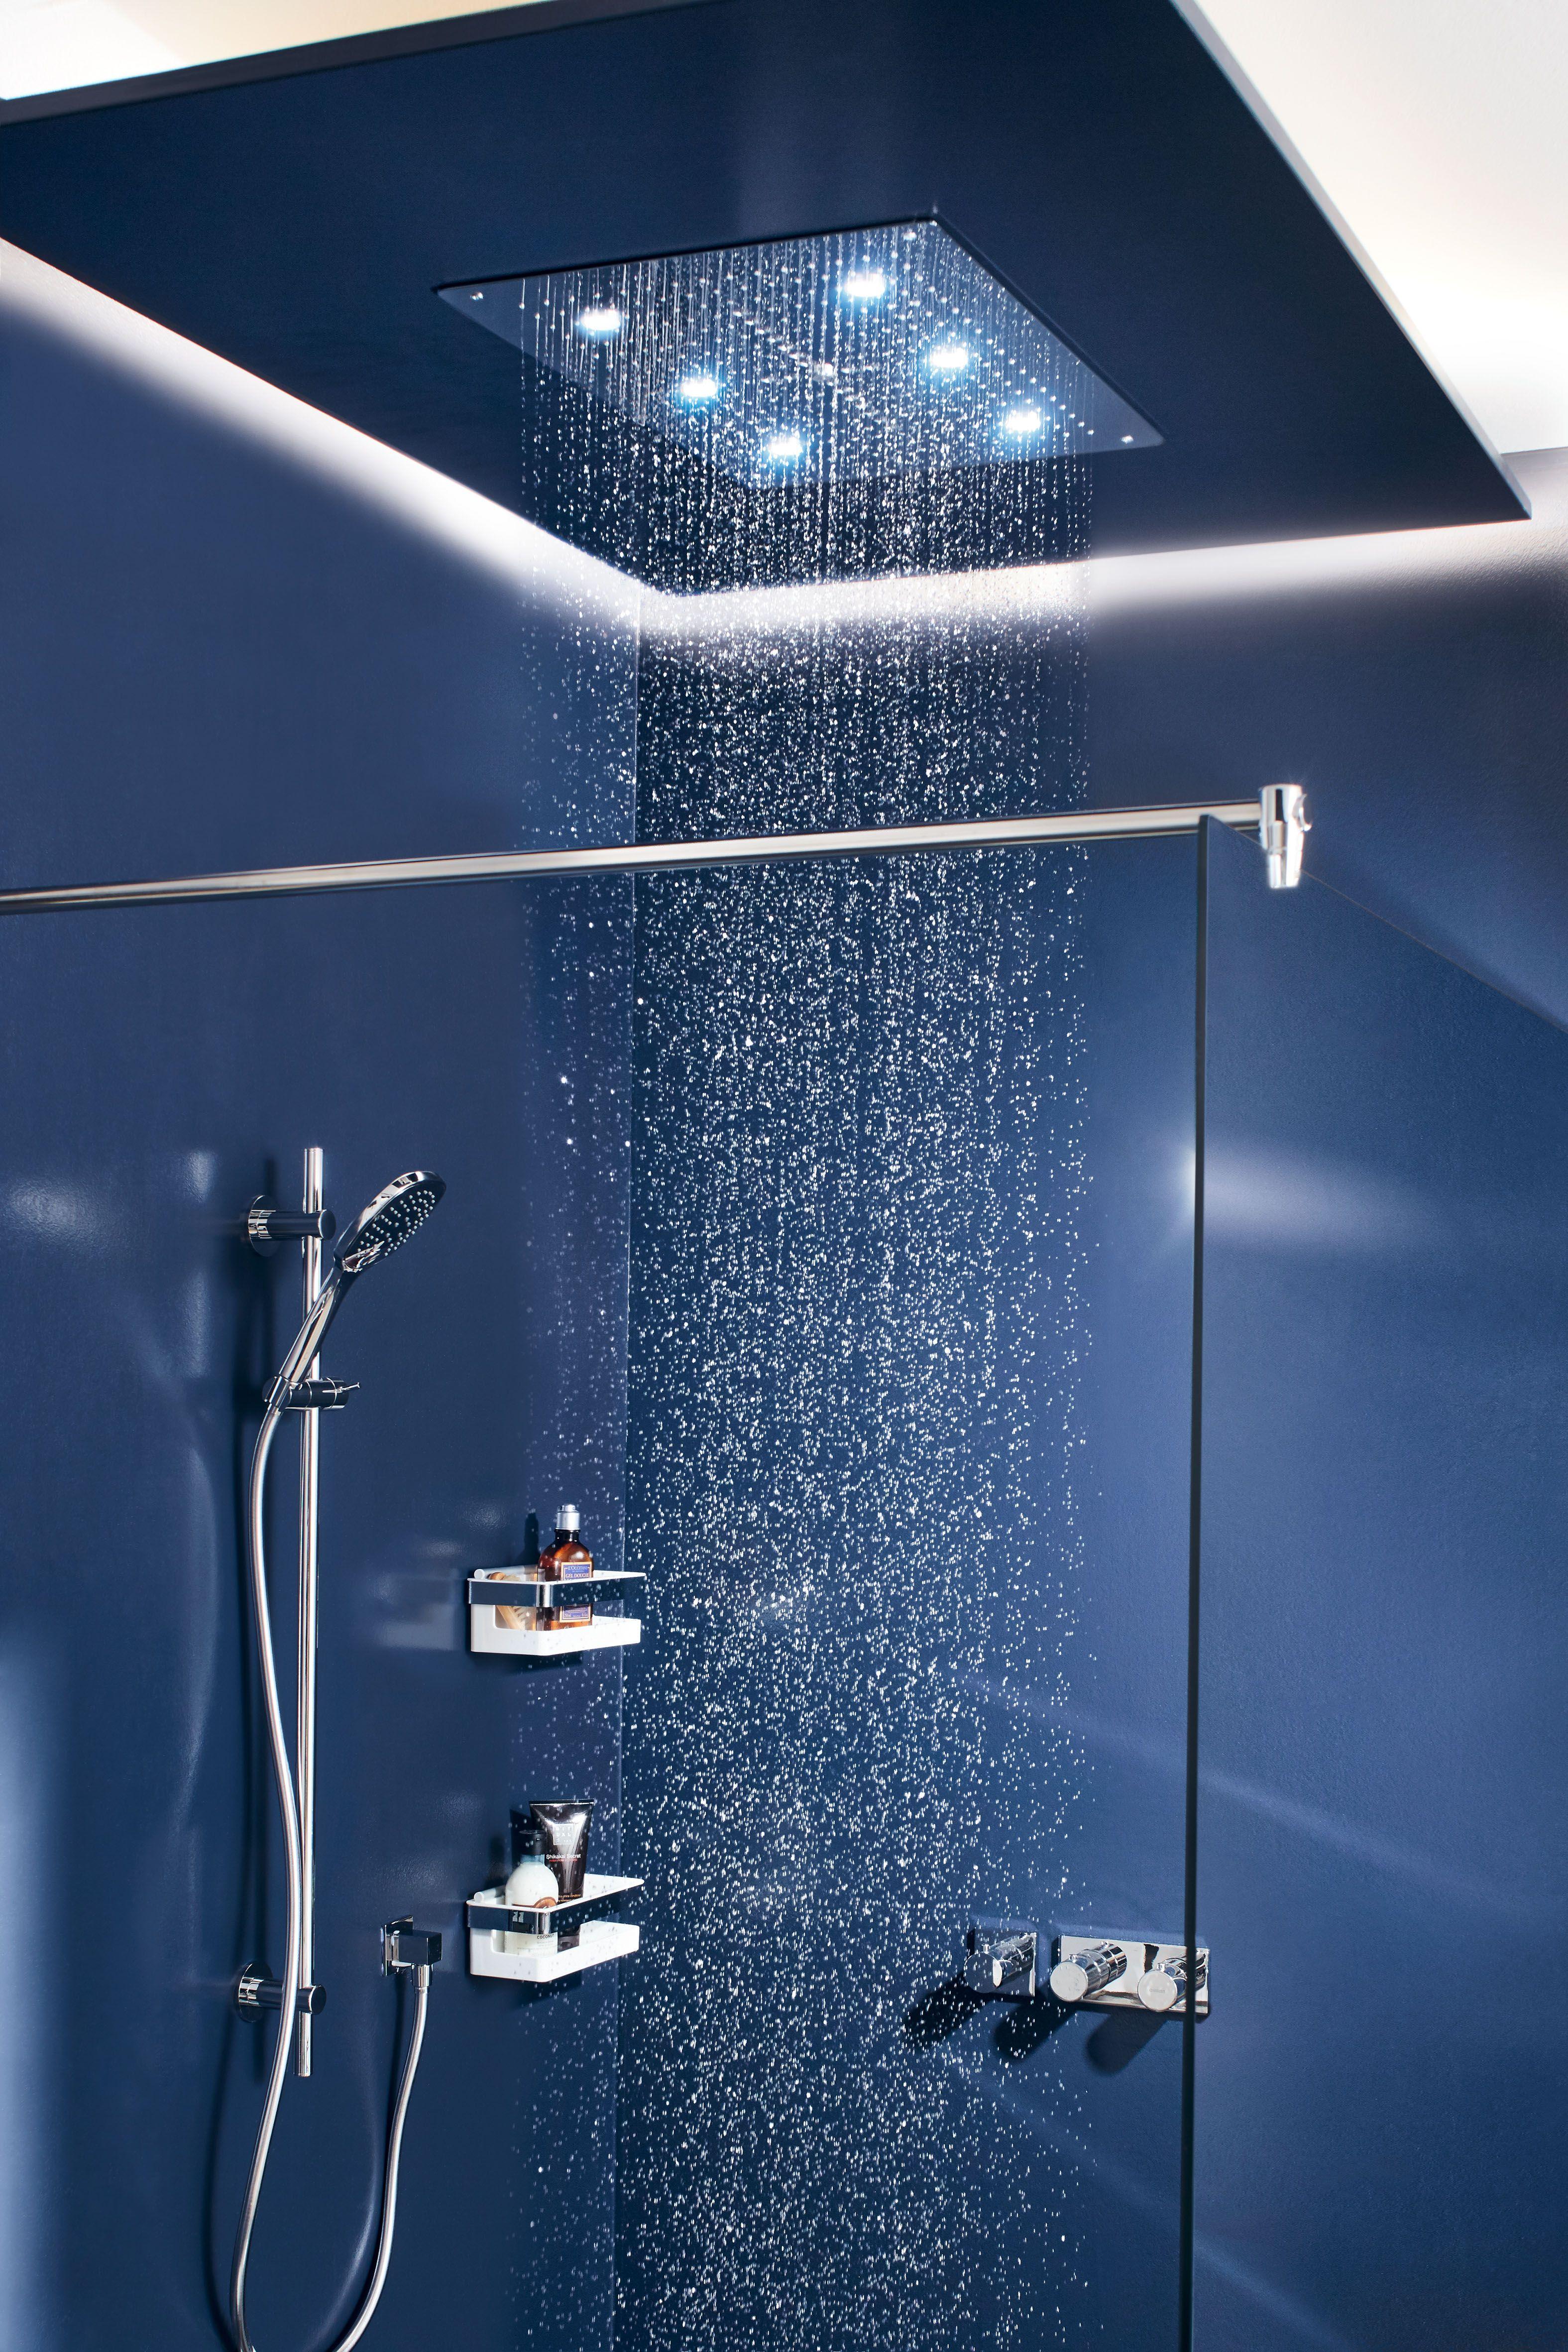 Sanibel Brausen In 2020 Dusche Personlicher Stil Bad